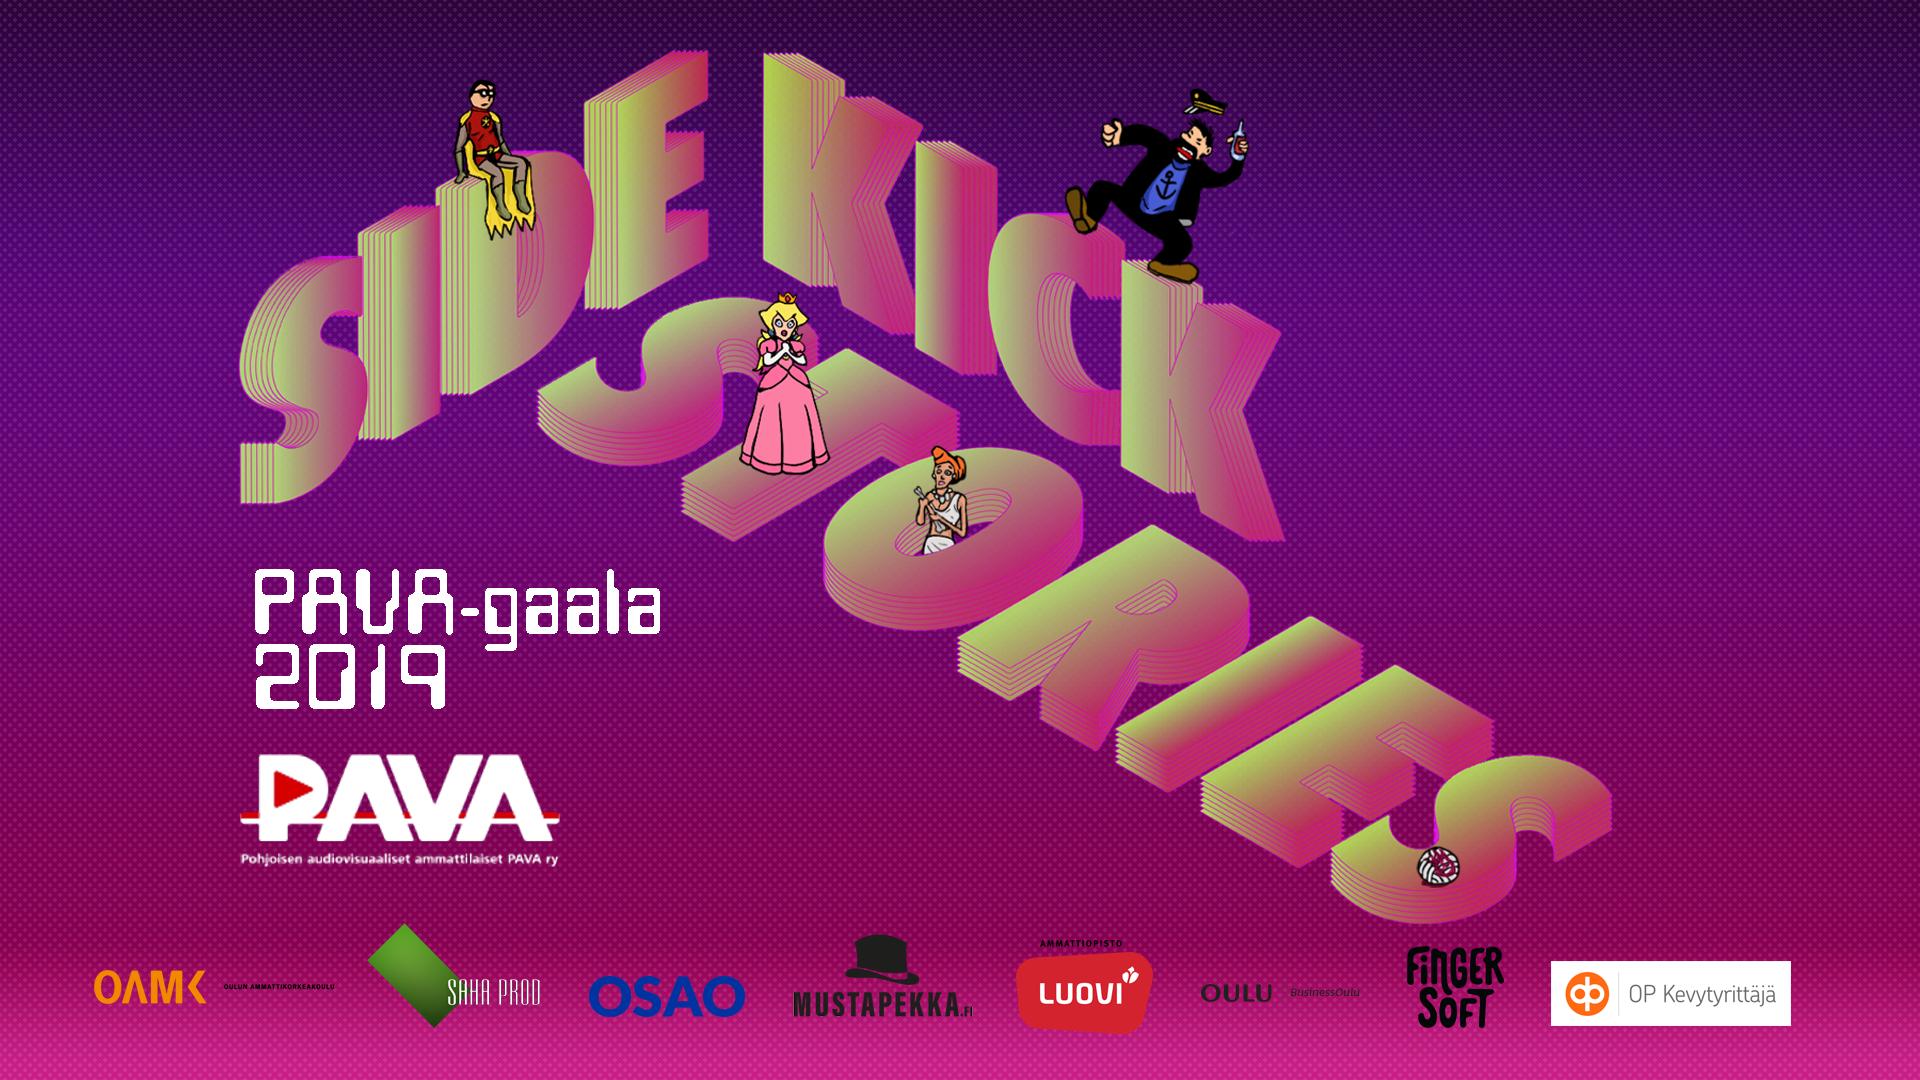 PAVA-gaala 2019